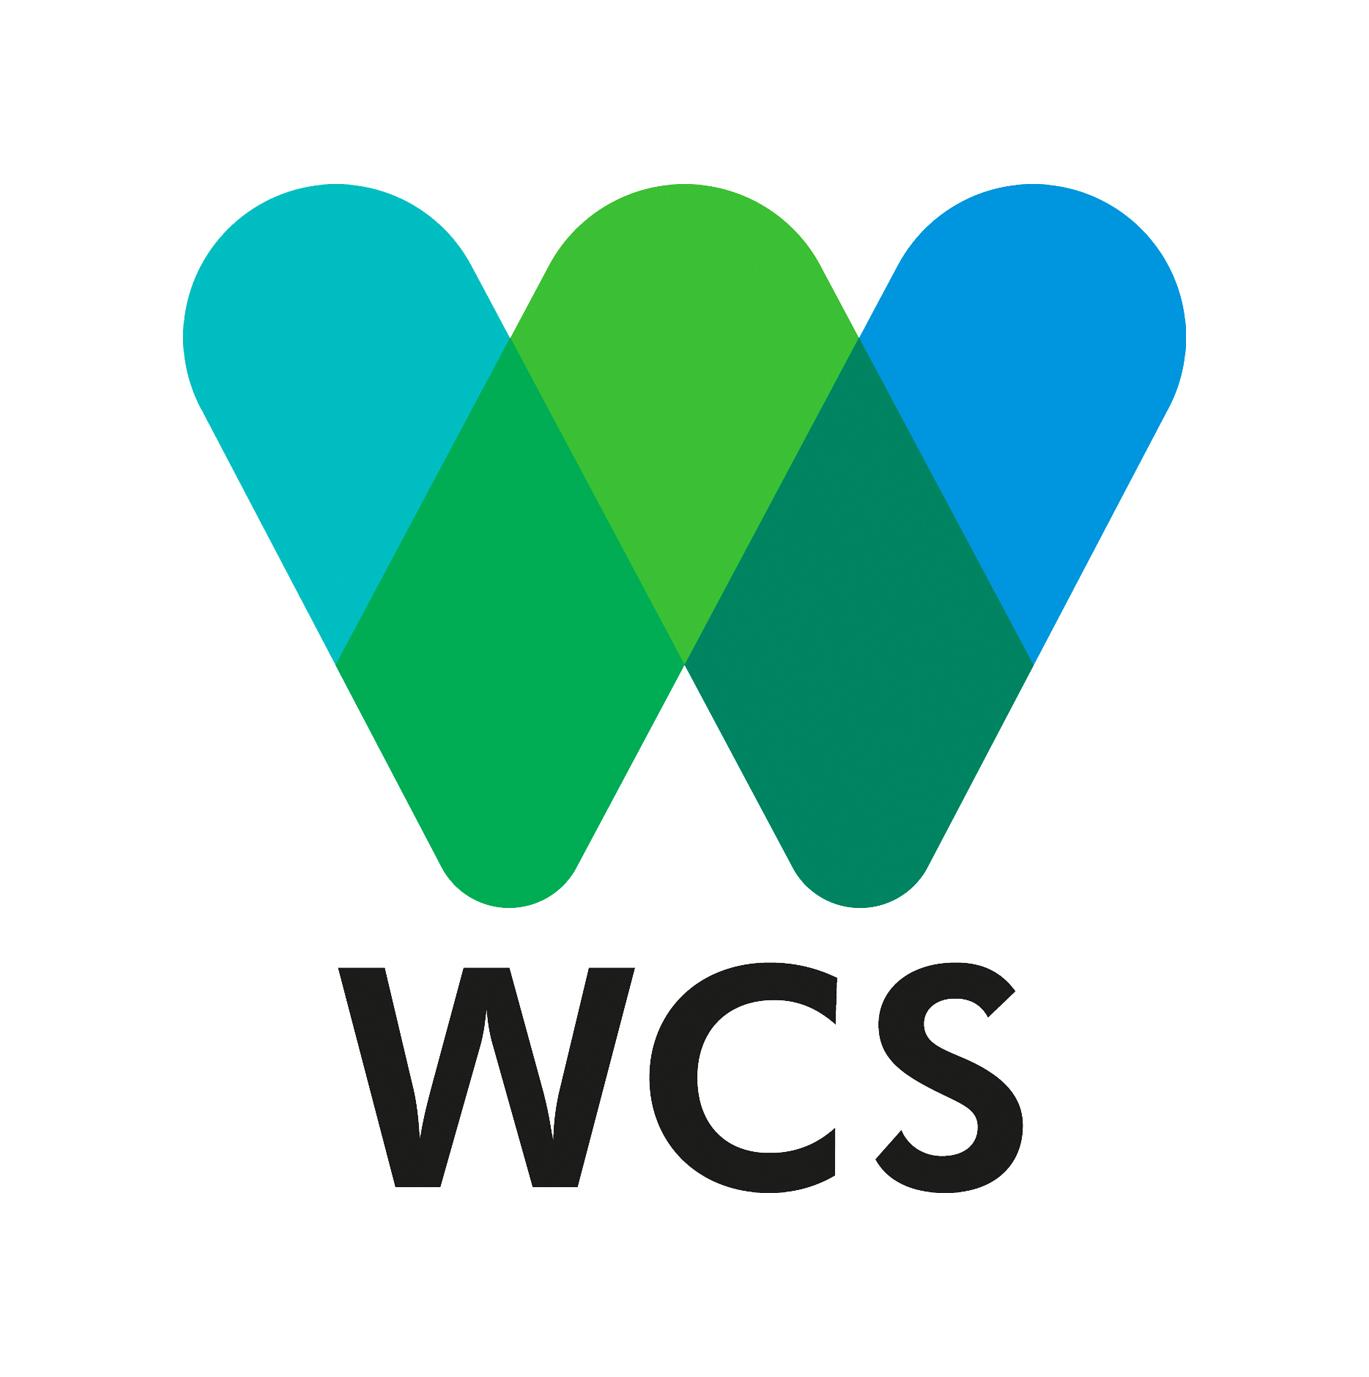 Wcslogocir